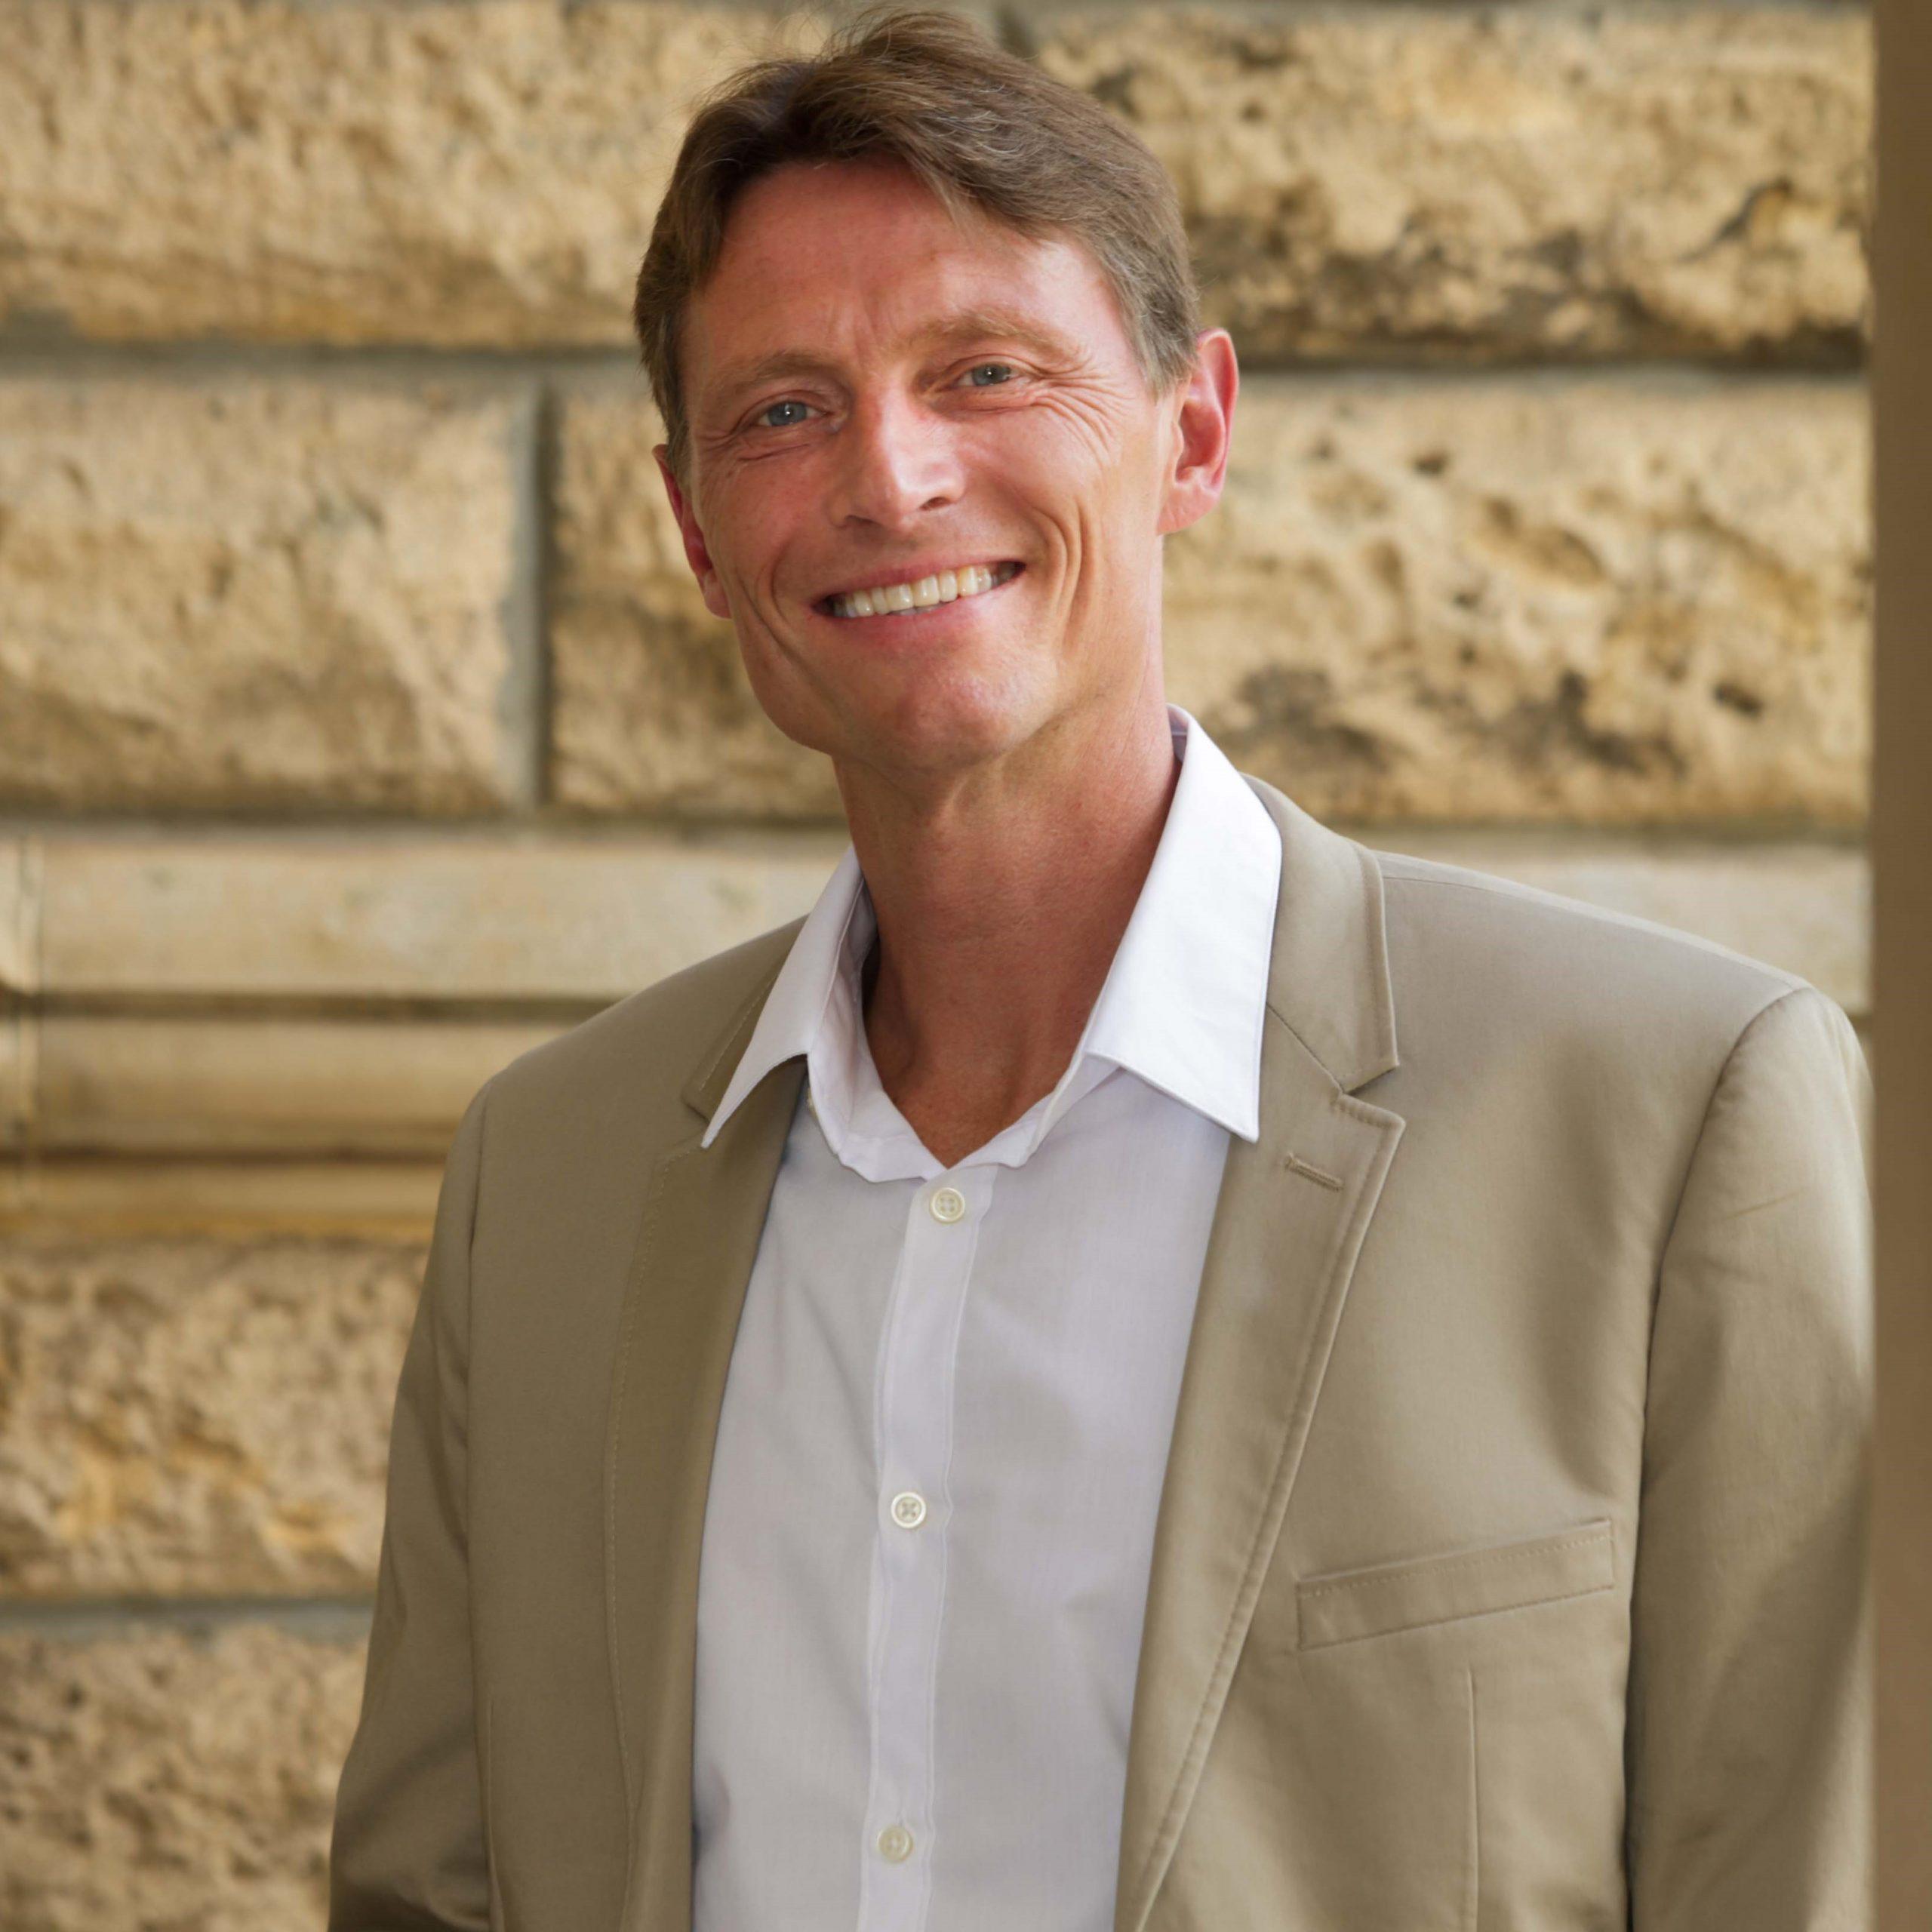 Prof Markus Schlaich